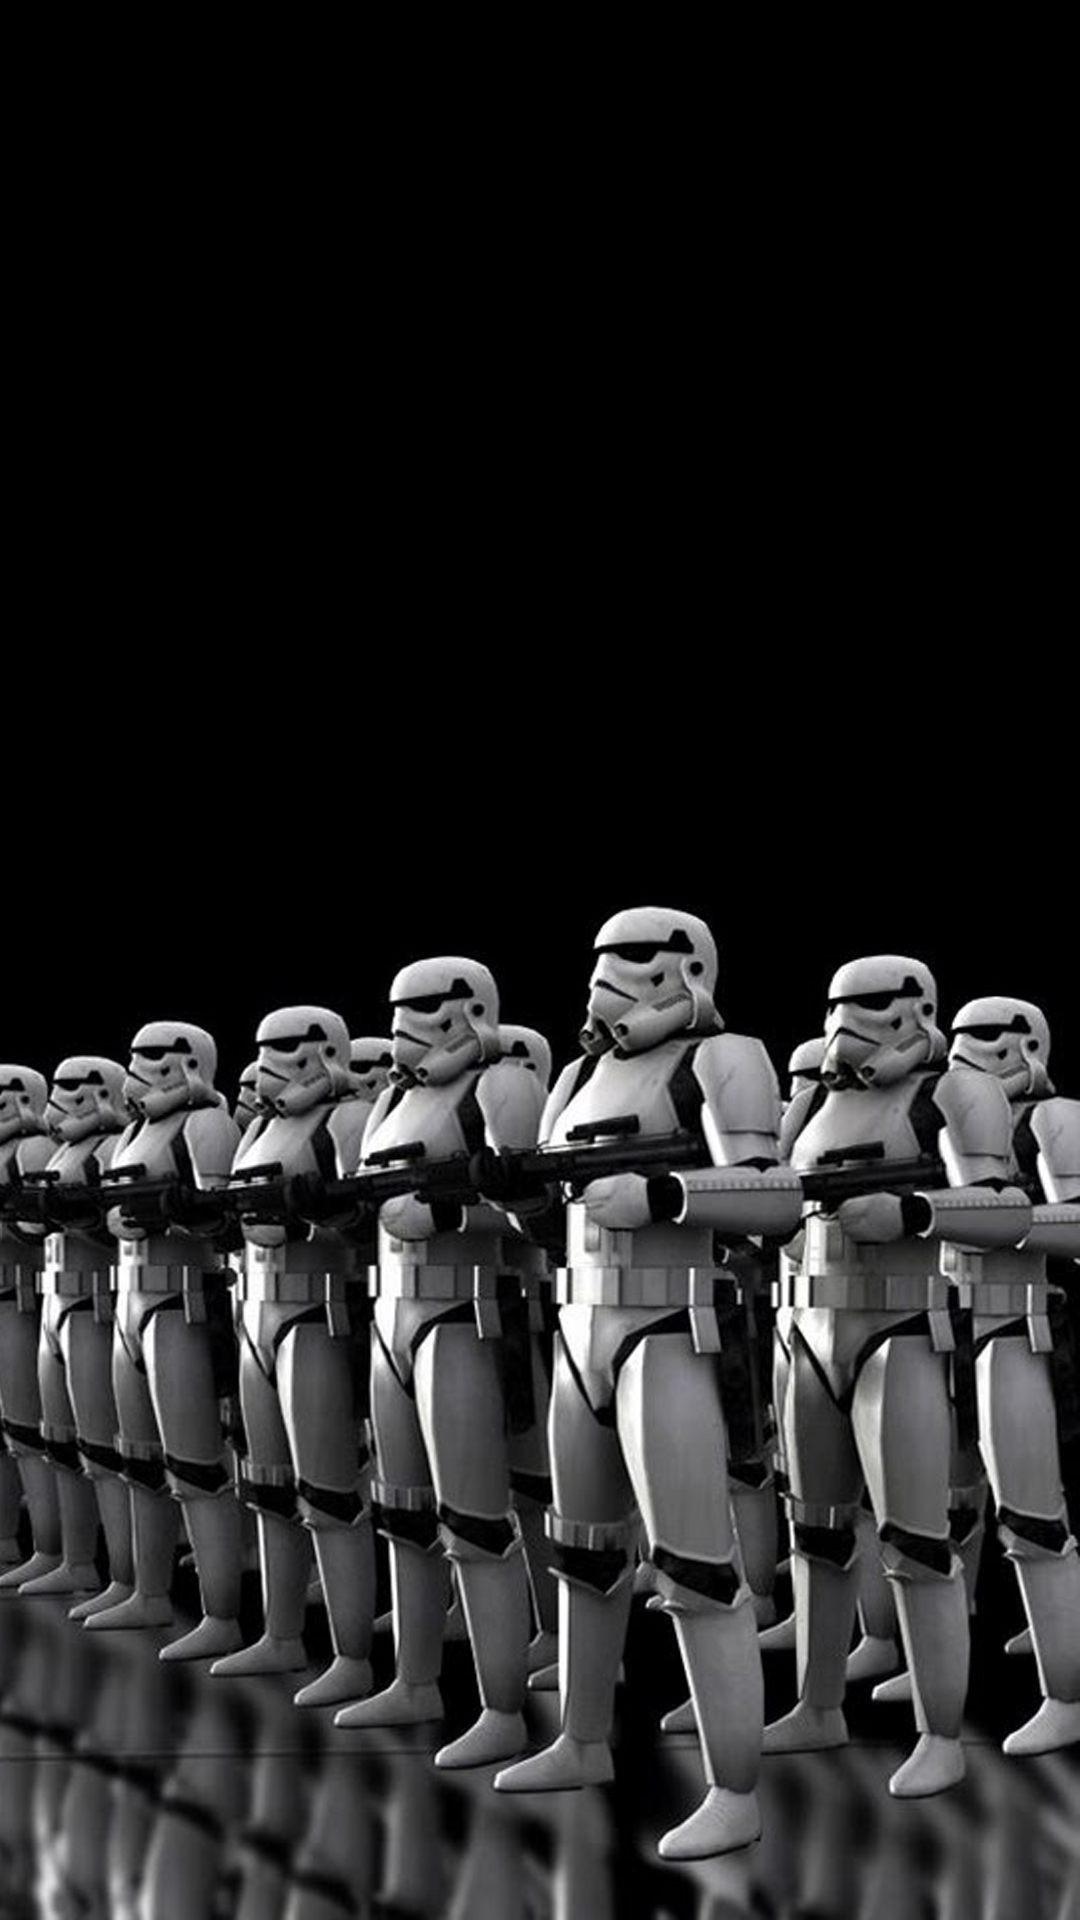 Trooper iPhone 6 Plus Wallpapers lucas films star wars iPhone 6 1080x1920